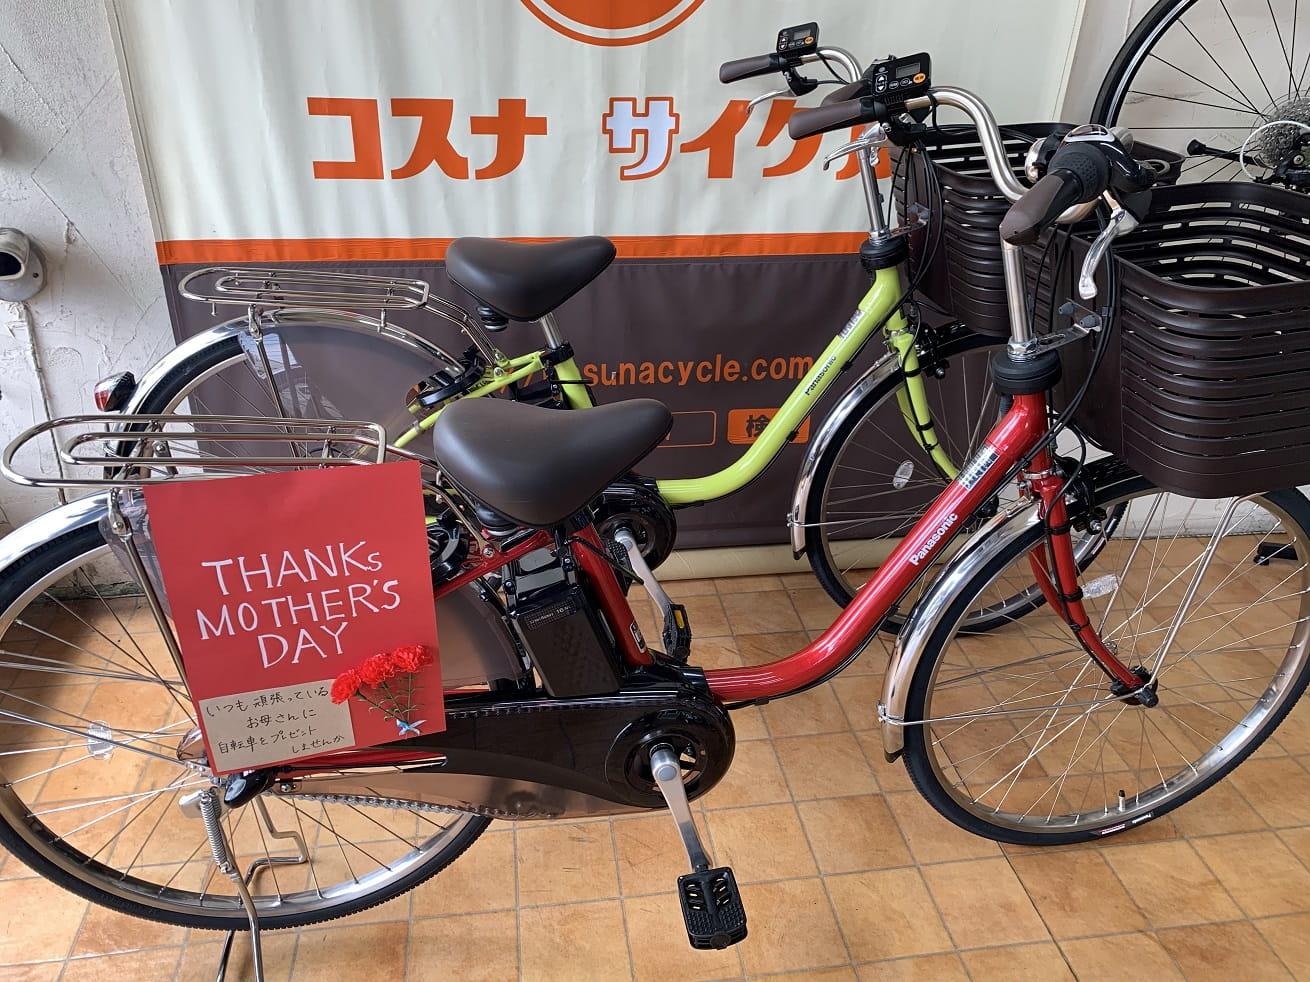 パナソニック電動アシスト自転車「ビビDX」母の日プレゼント